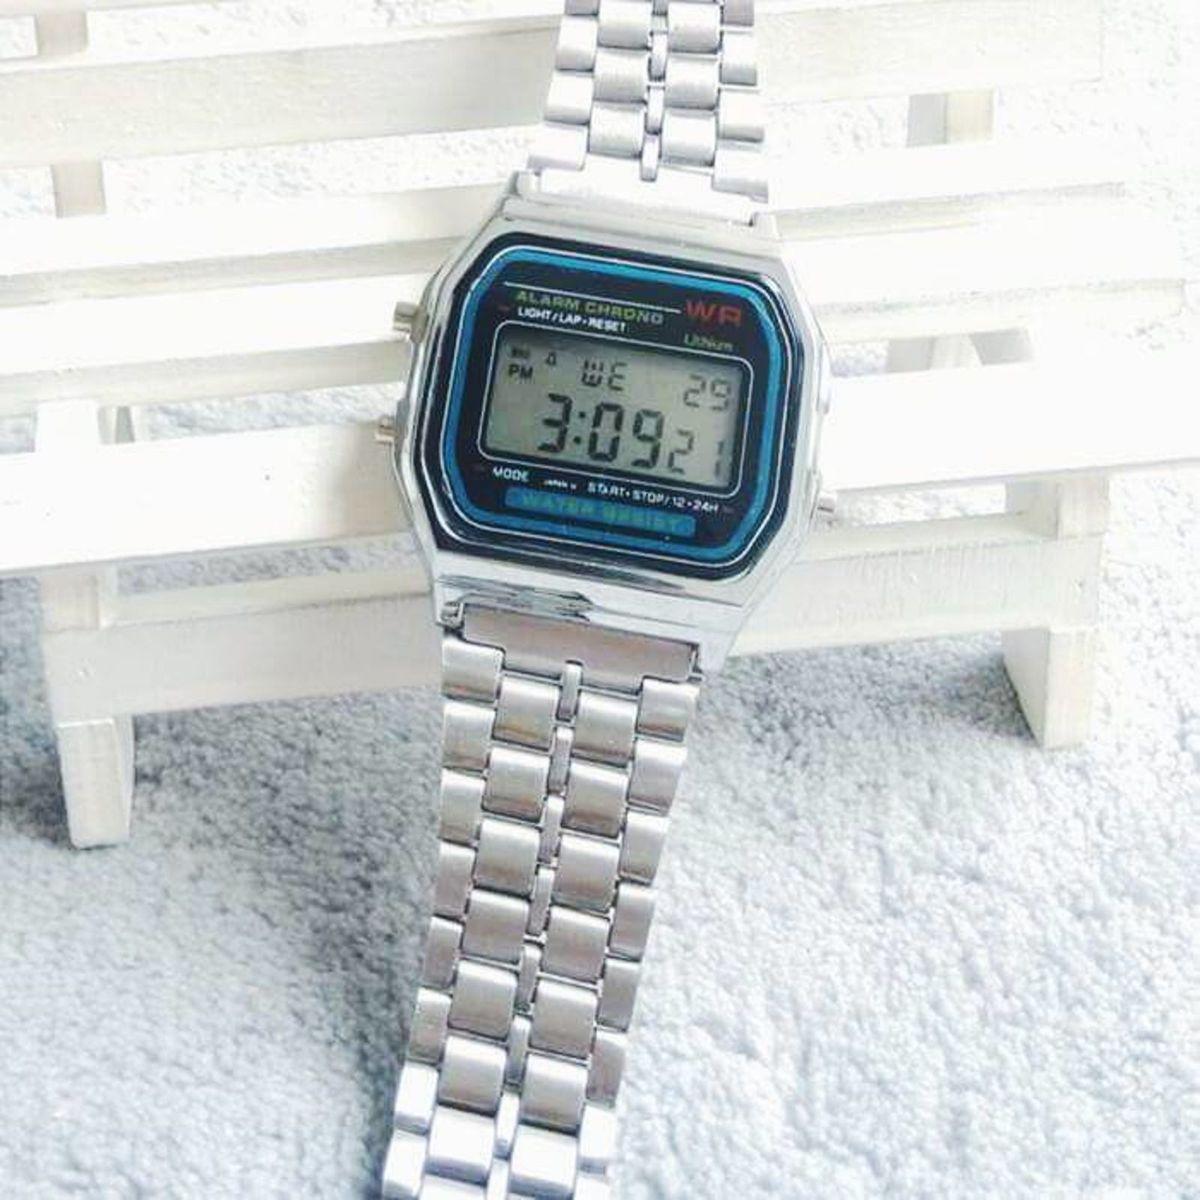 797bf59d12e tipo casio vintage - relógios sem marca.  Czm6ly9wag90b3muzw5qb2vplmnvbs5ici9wcm9kdwn0cy8yodi2mi84mdzjzmmxmzywzdfkyzlmowi4zjvlowm3nzi5mwfjzc5qcgc  ...